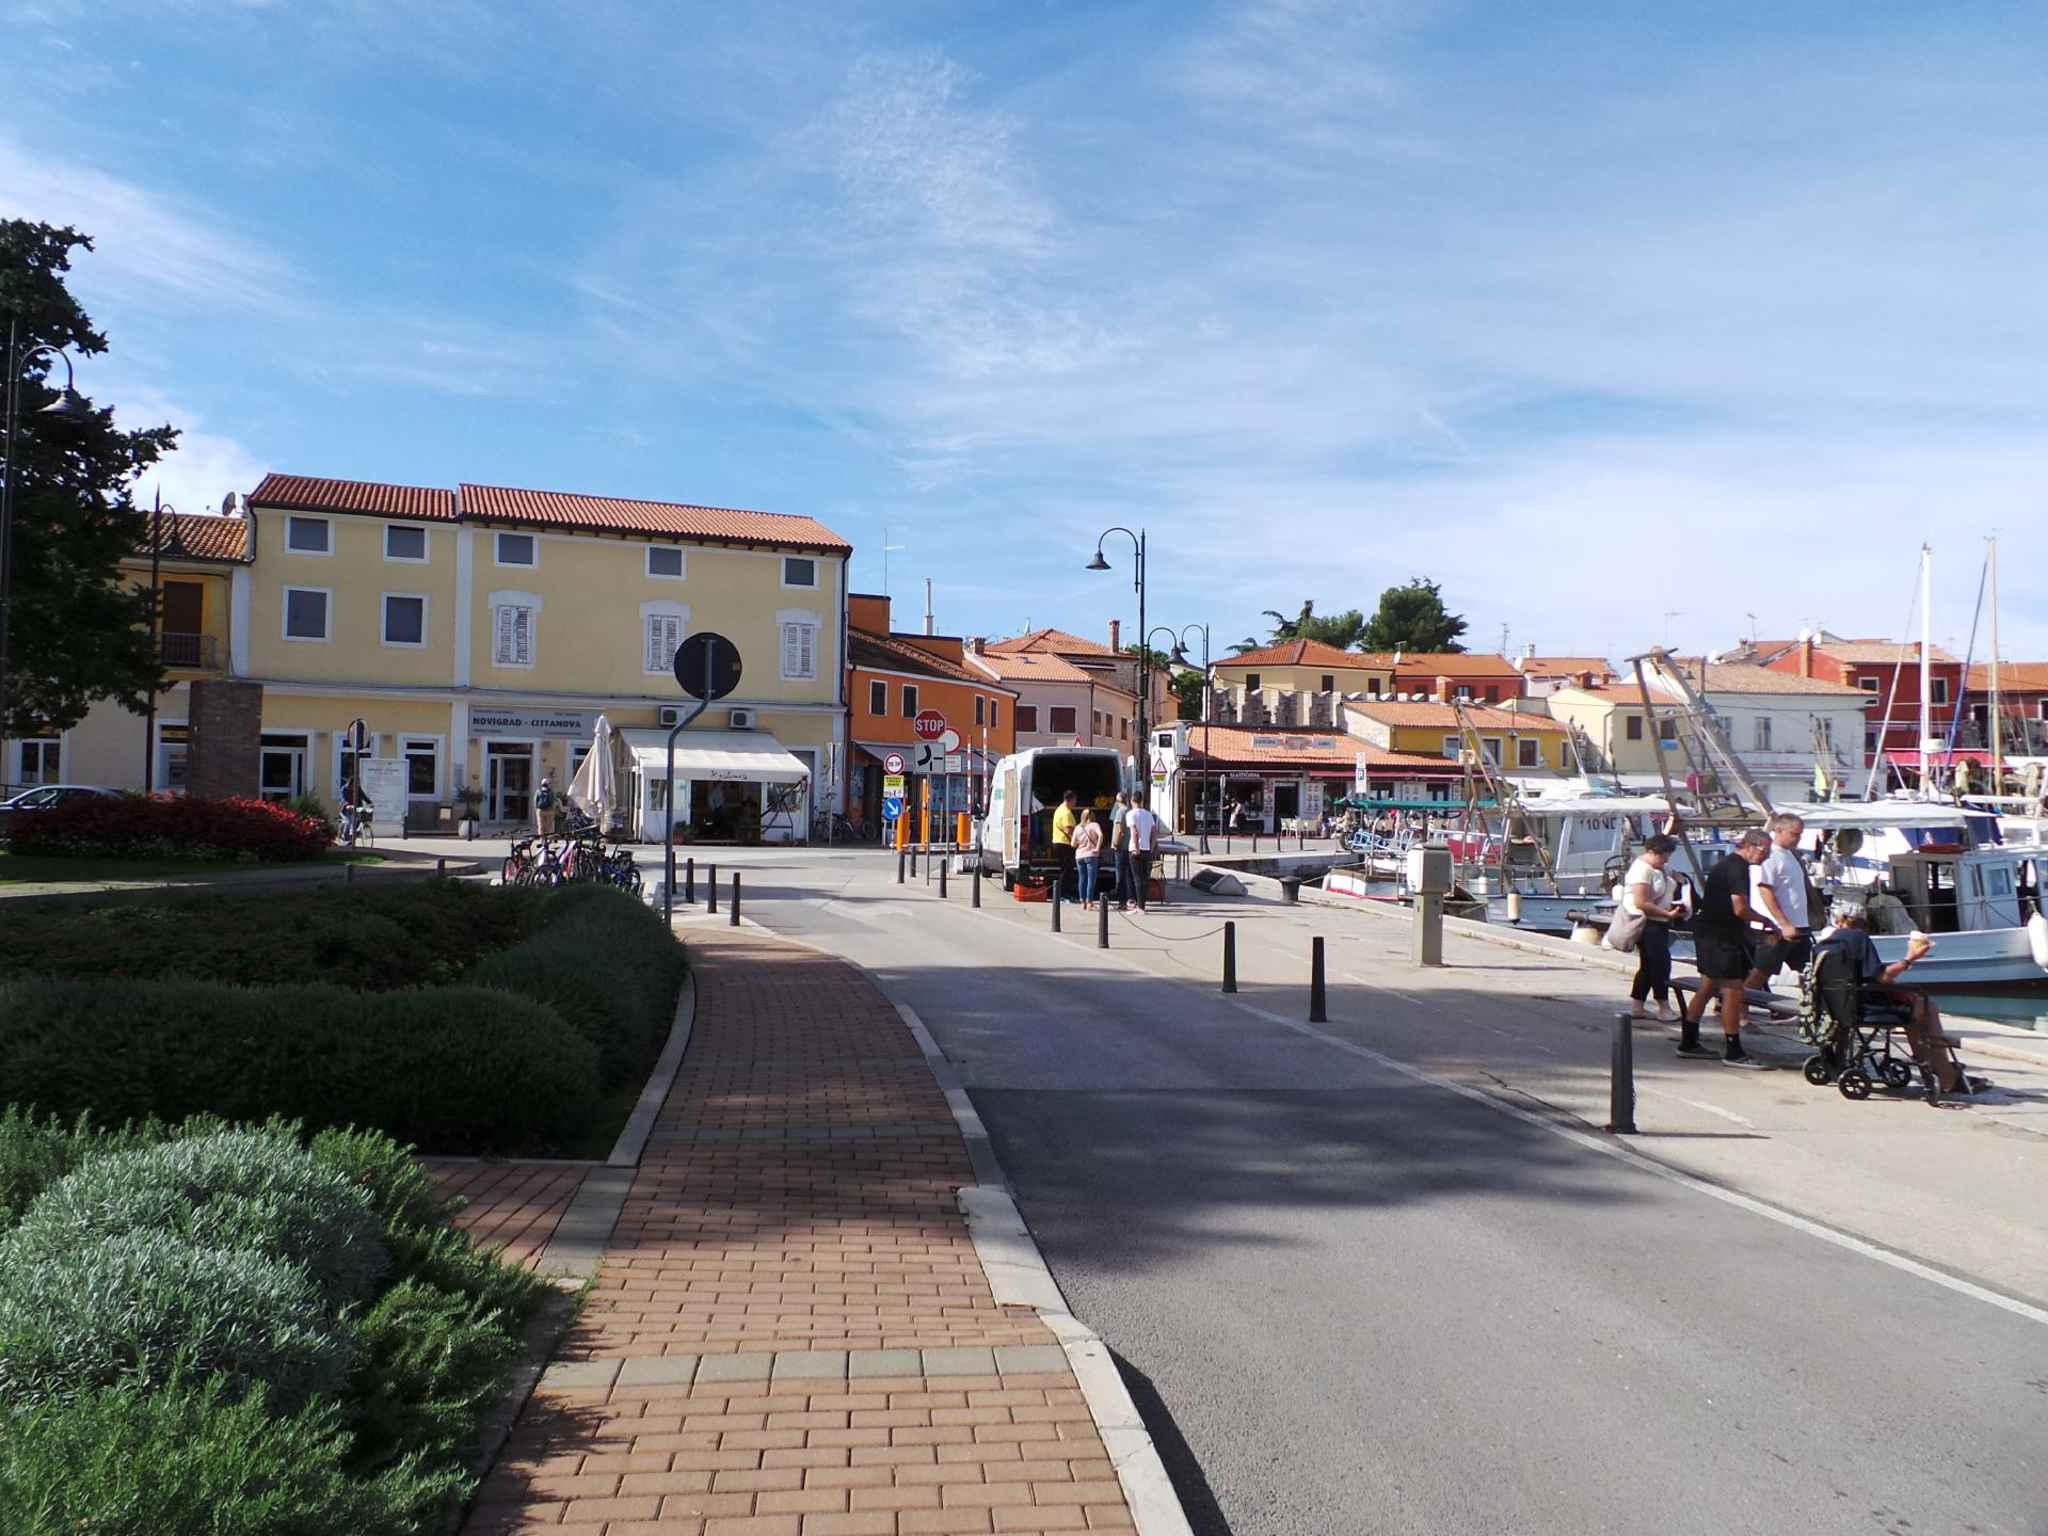 Ferienwohnung mit 4 Bäder nur 250 m von der Adria (278909), Zadar, , Dalmatien, Kroatien, Bild 20